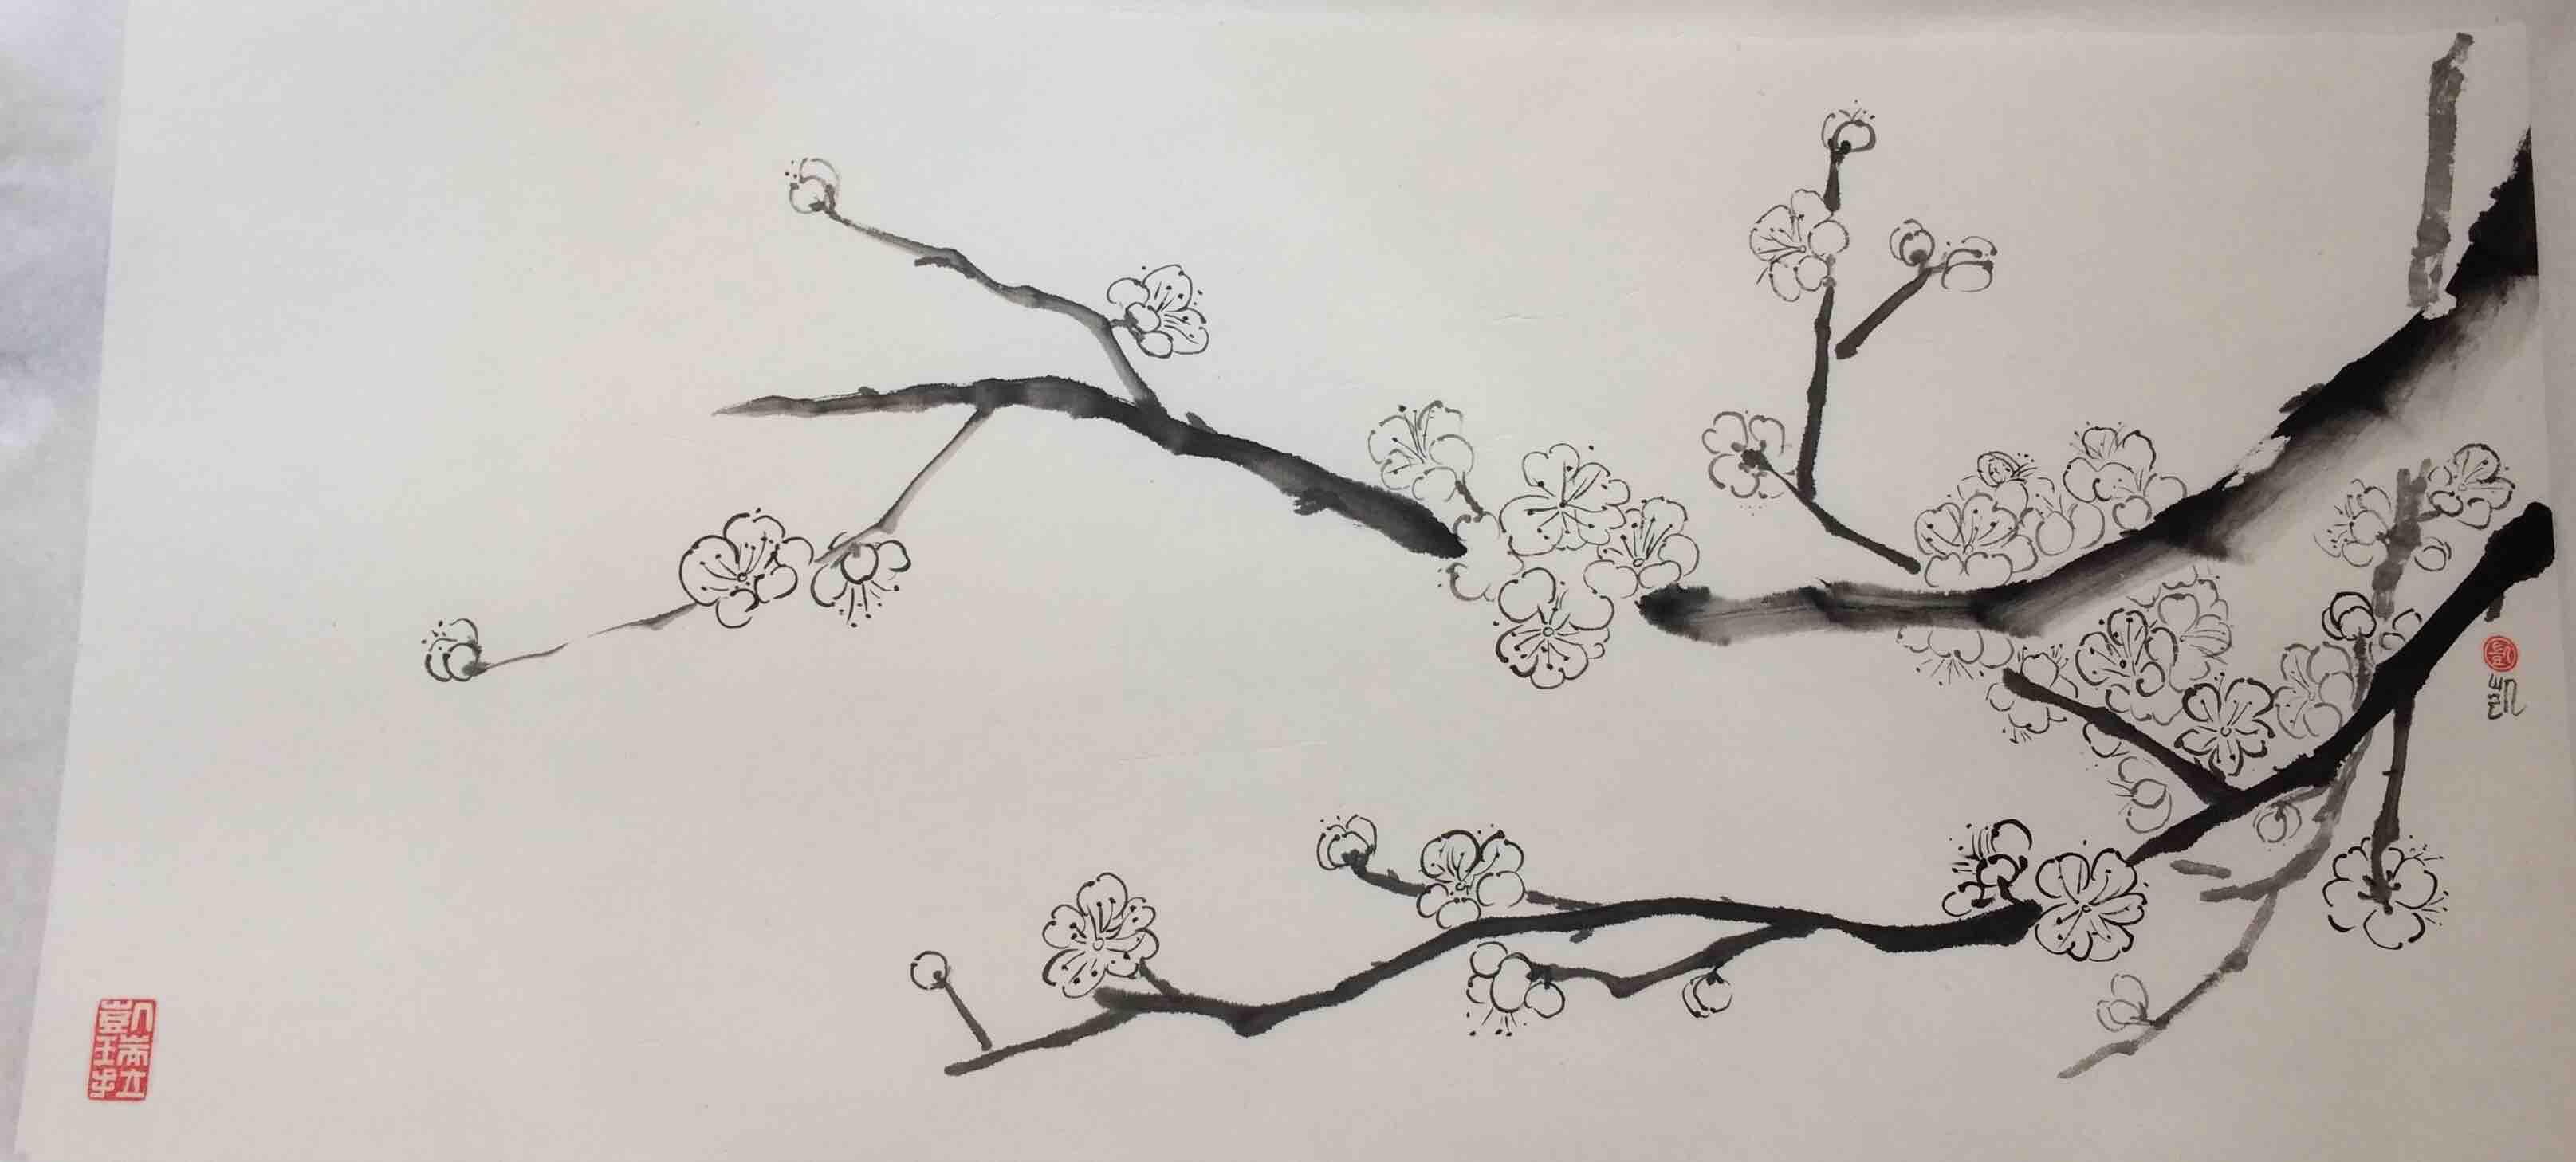 Pflaumenblüten am Zweig, lang